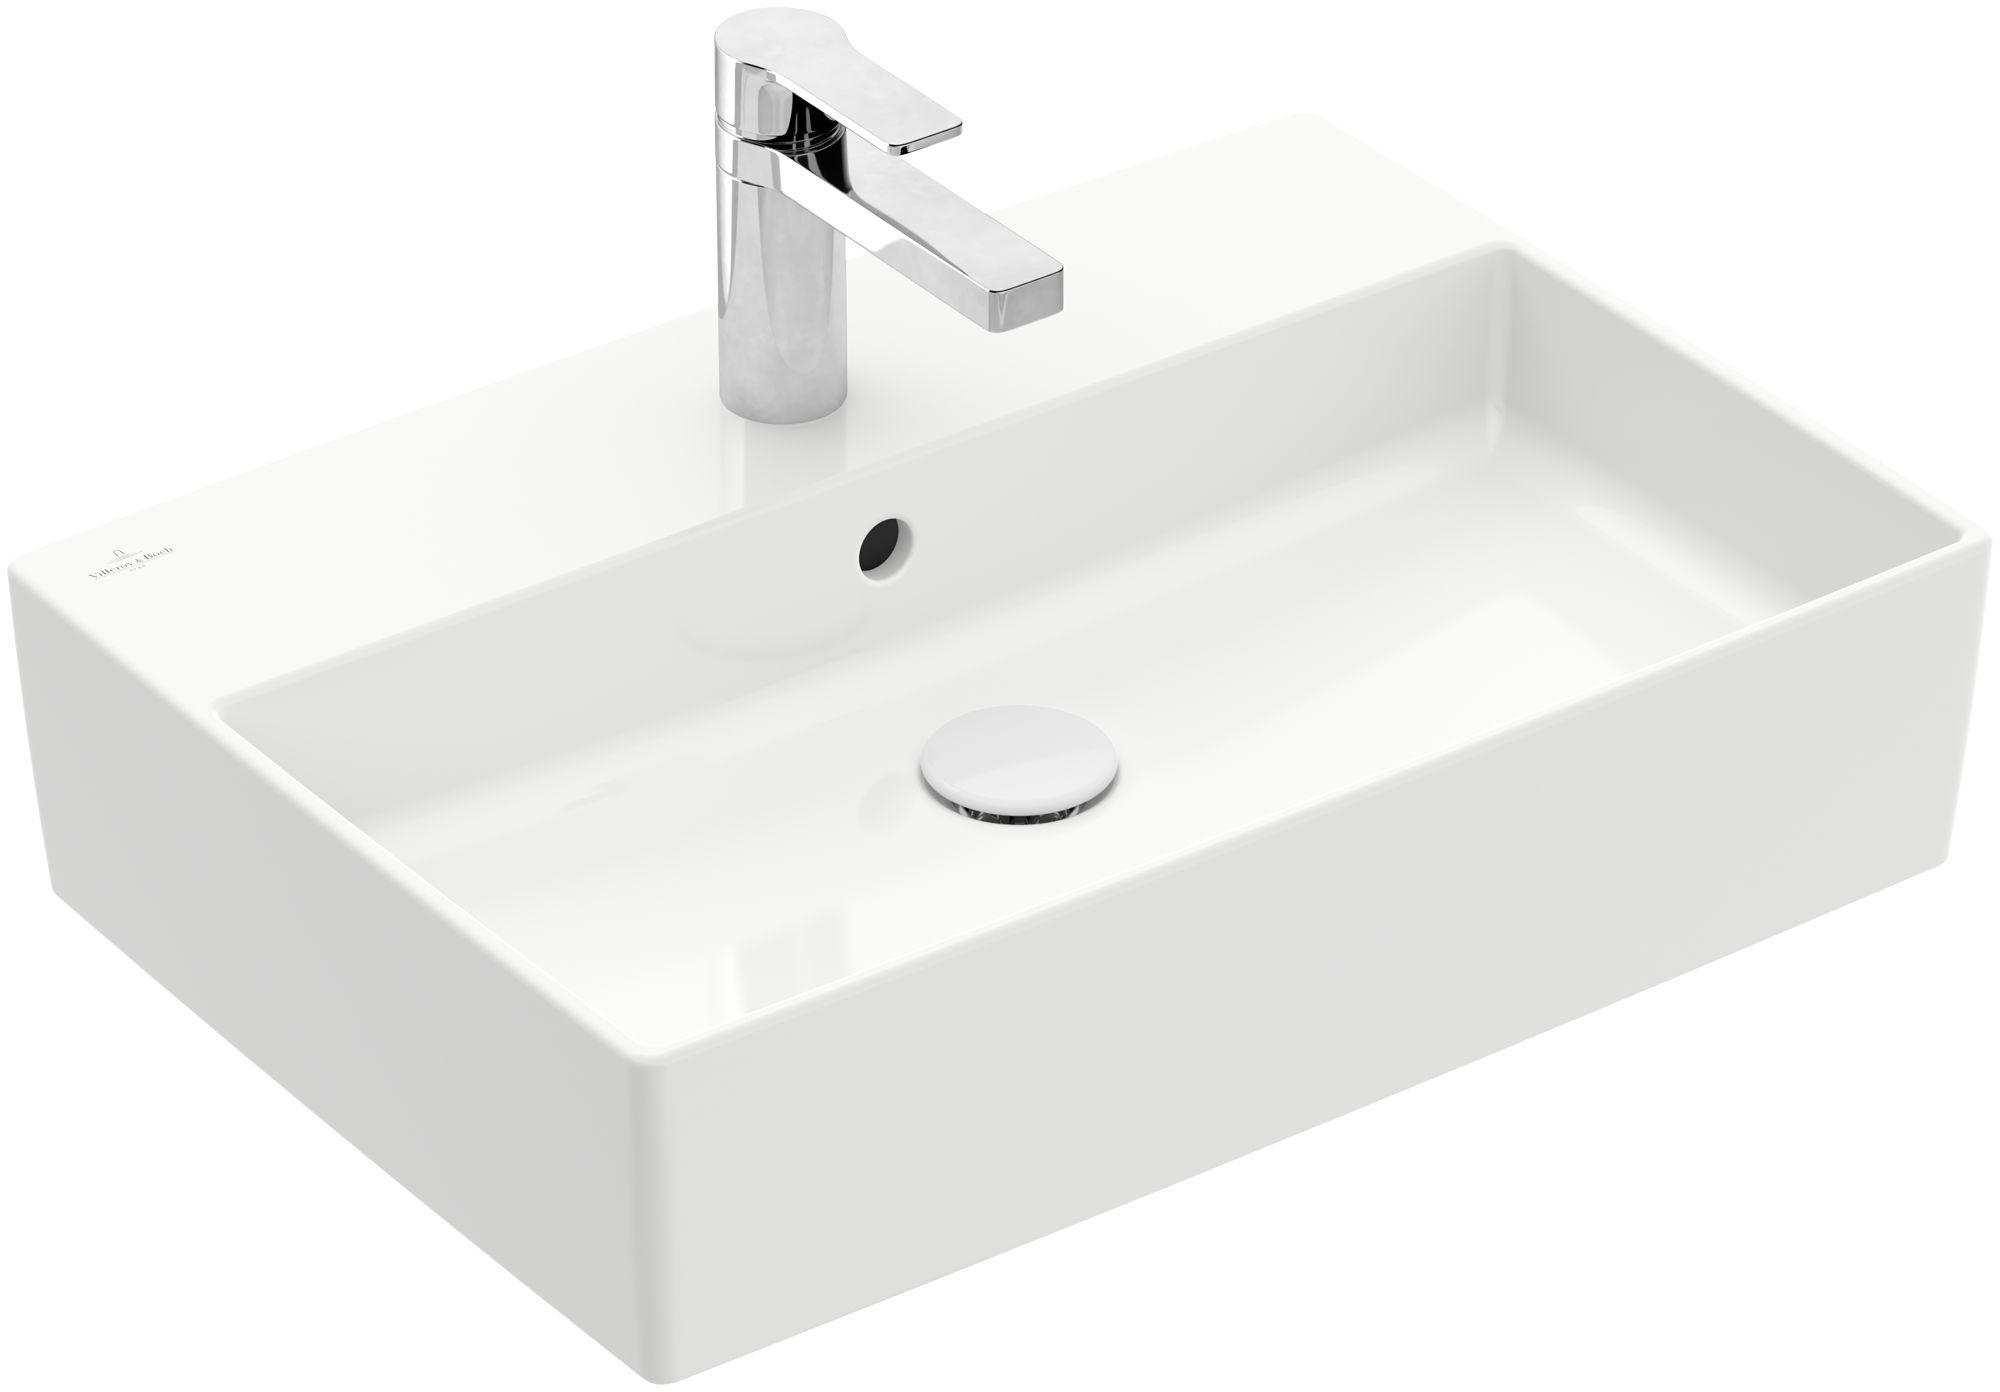 Villeroy & Boch Memento 2.0 Aufsatzwaschtisch mit Überlauf 1 Hahnloch B:60xT:42cm mit Überlauf 1 Hahnloch weiß Ceramicplus 4A0760R1